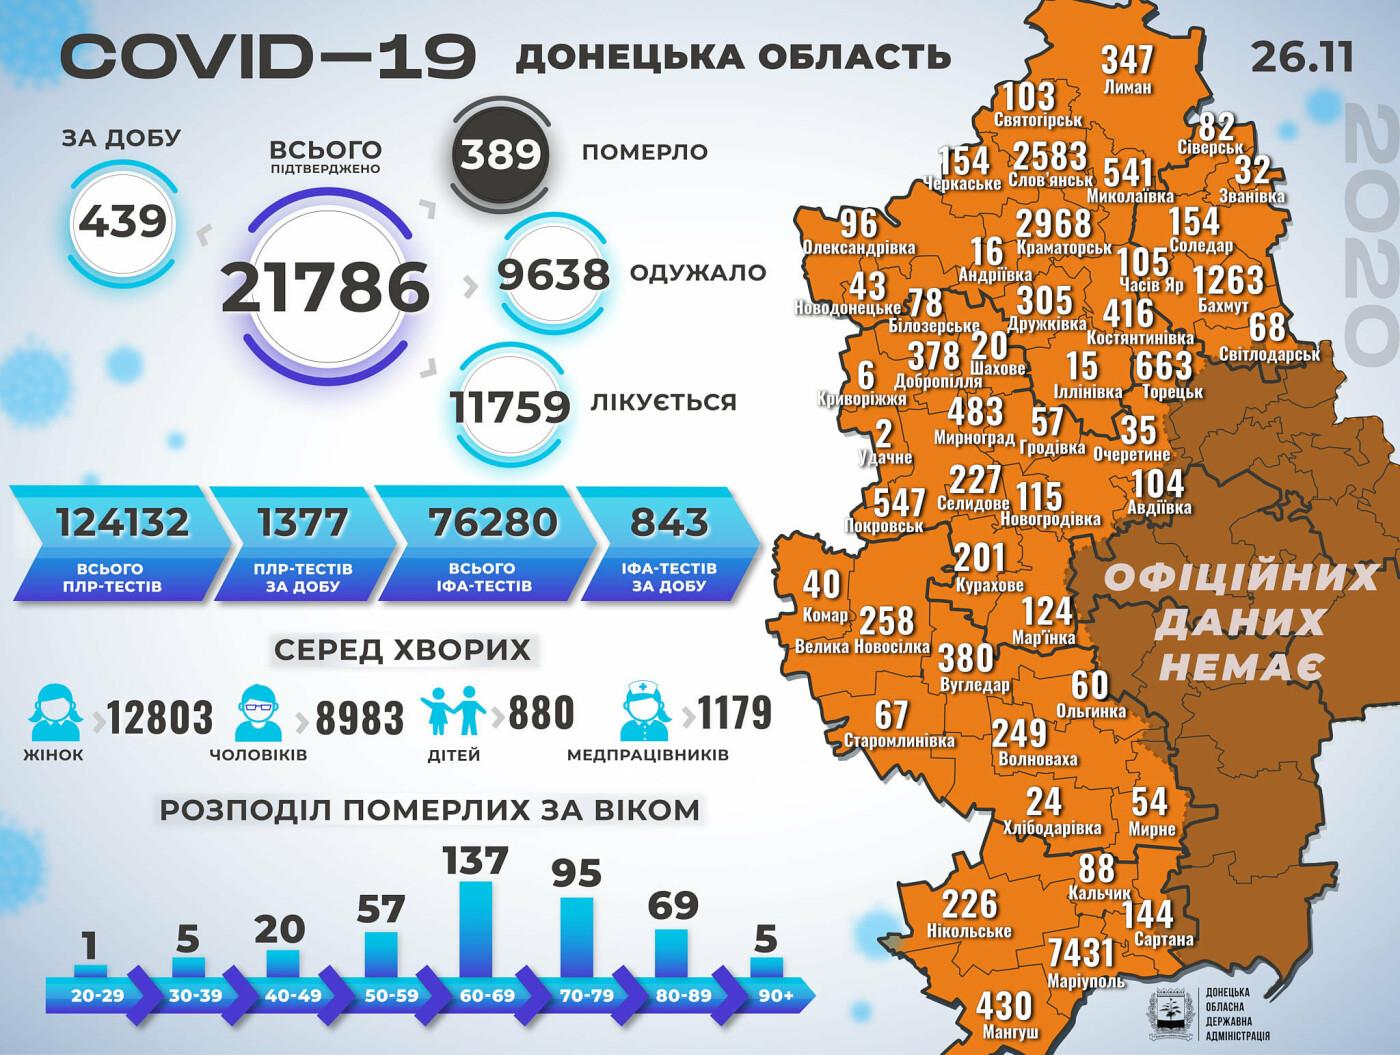 В Донецкой области коронавирус за сутки унес жизни четырех человек, 439 новых случаев, фото-1